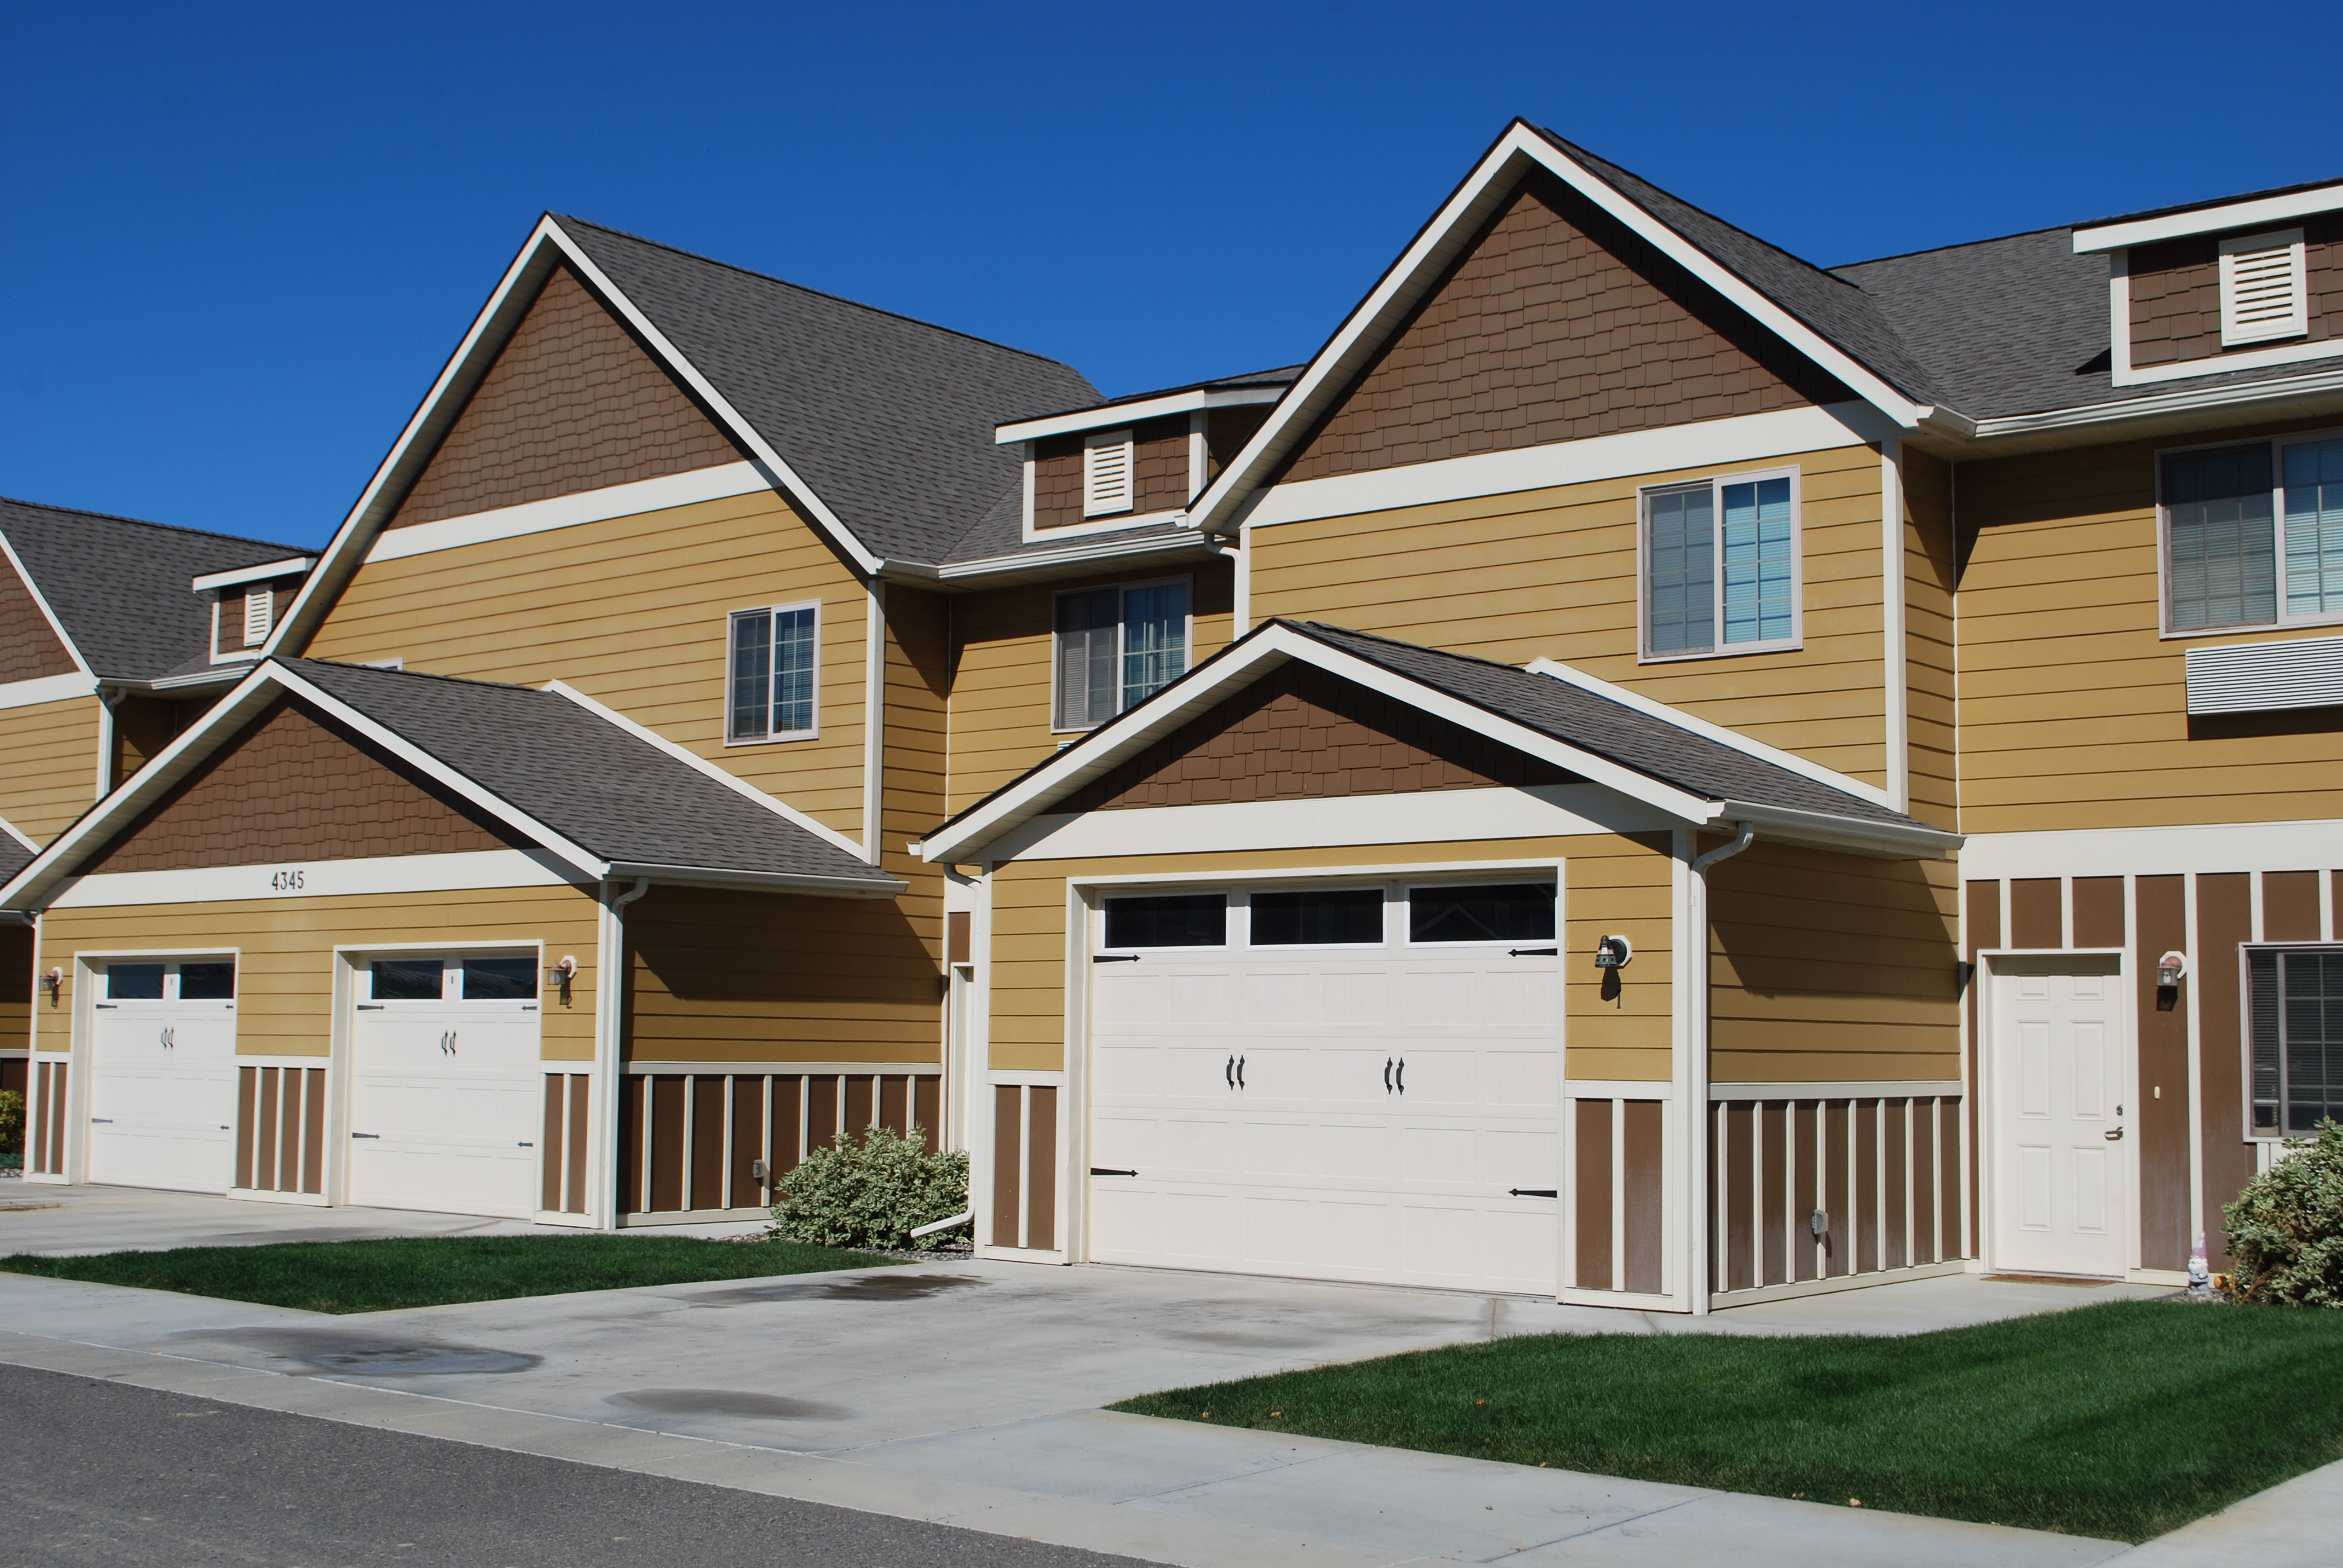 Happy homes apartments in billings mt 406 894 2 for Home builders in billings mt